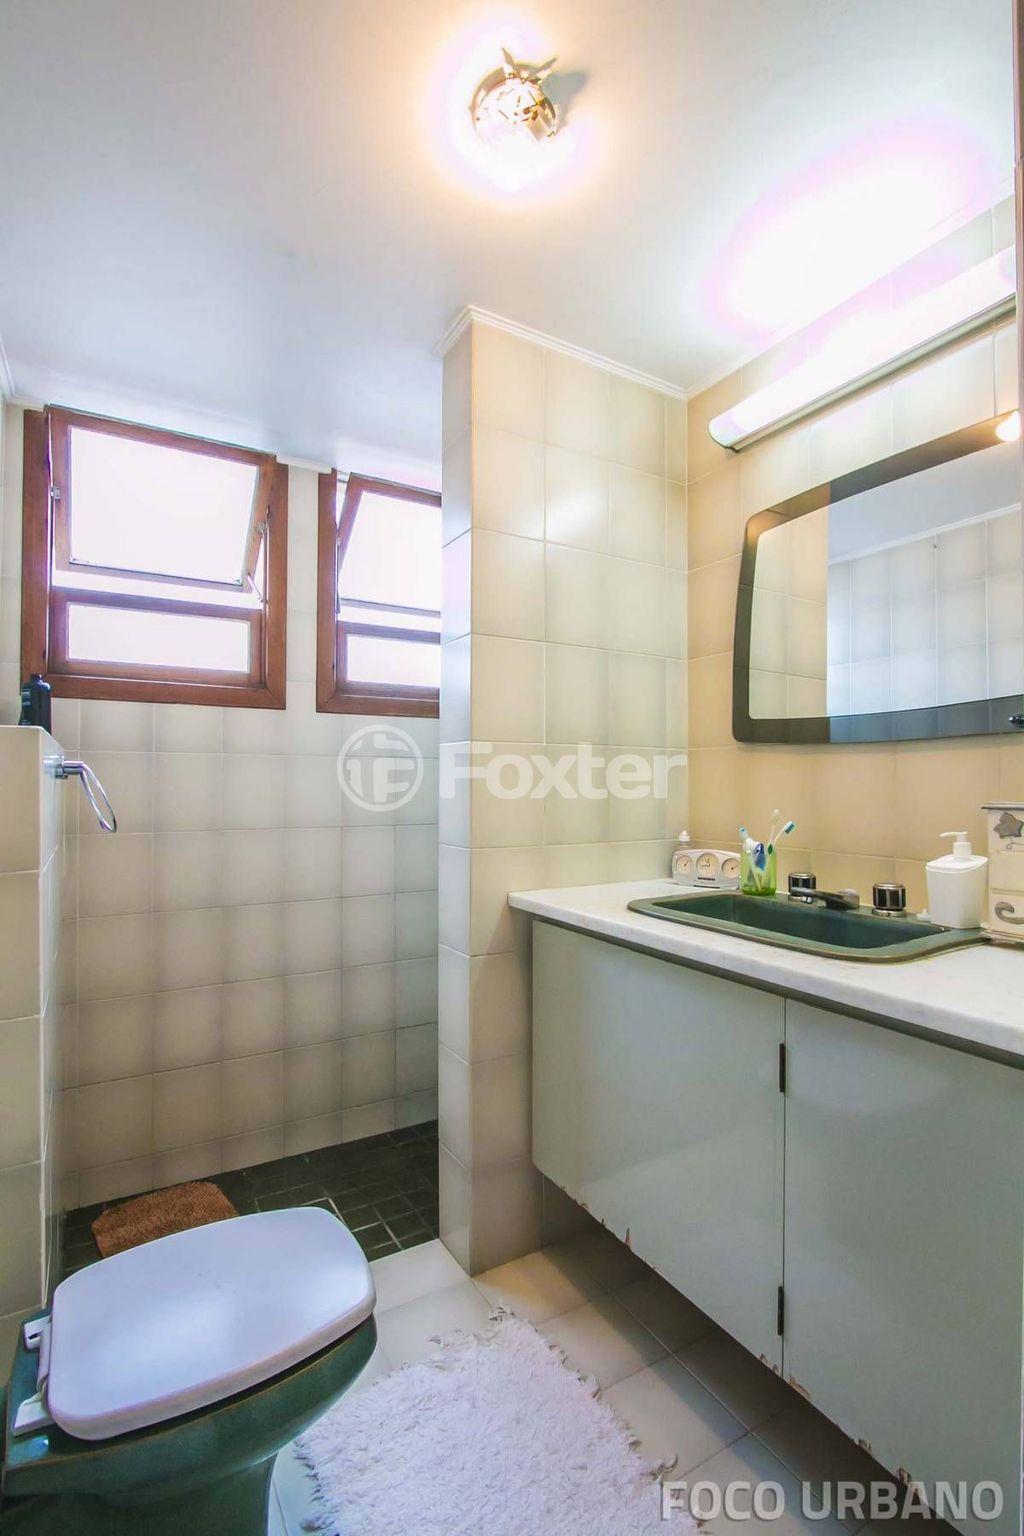 Foxter Imobiliária - Apto 3 Dorm, Auxiliadora - Foto 22